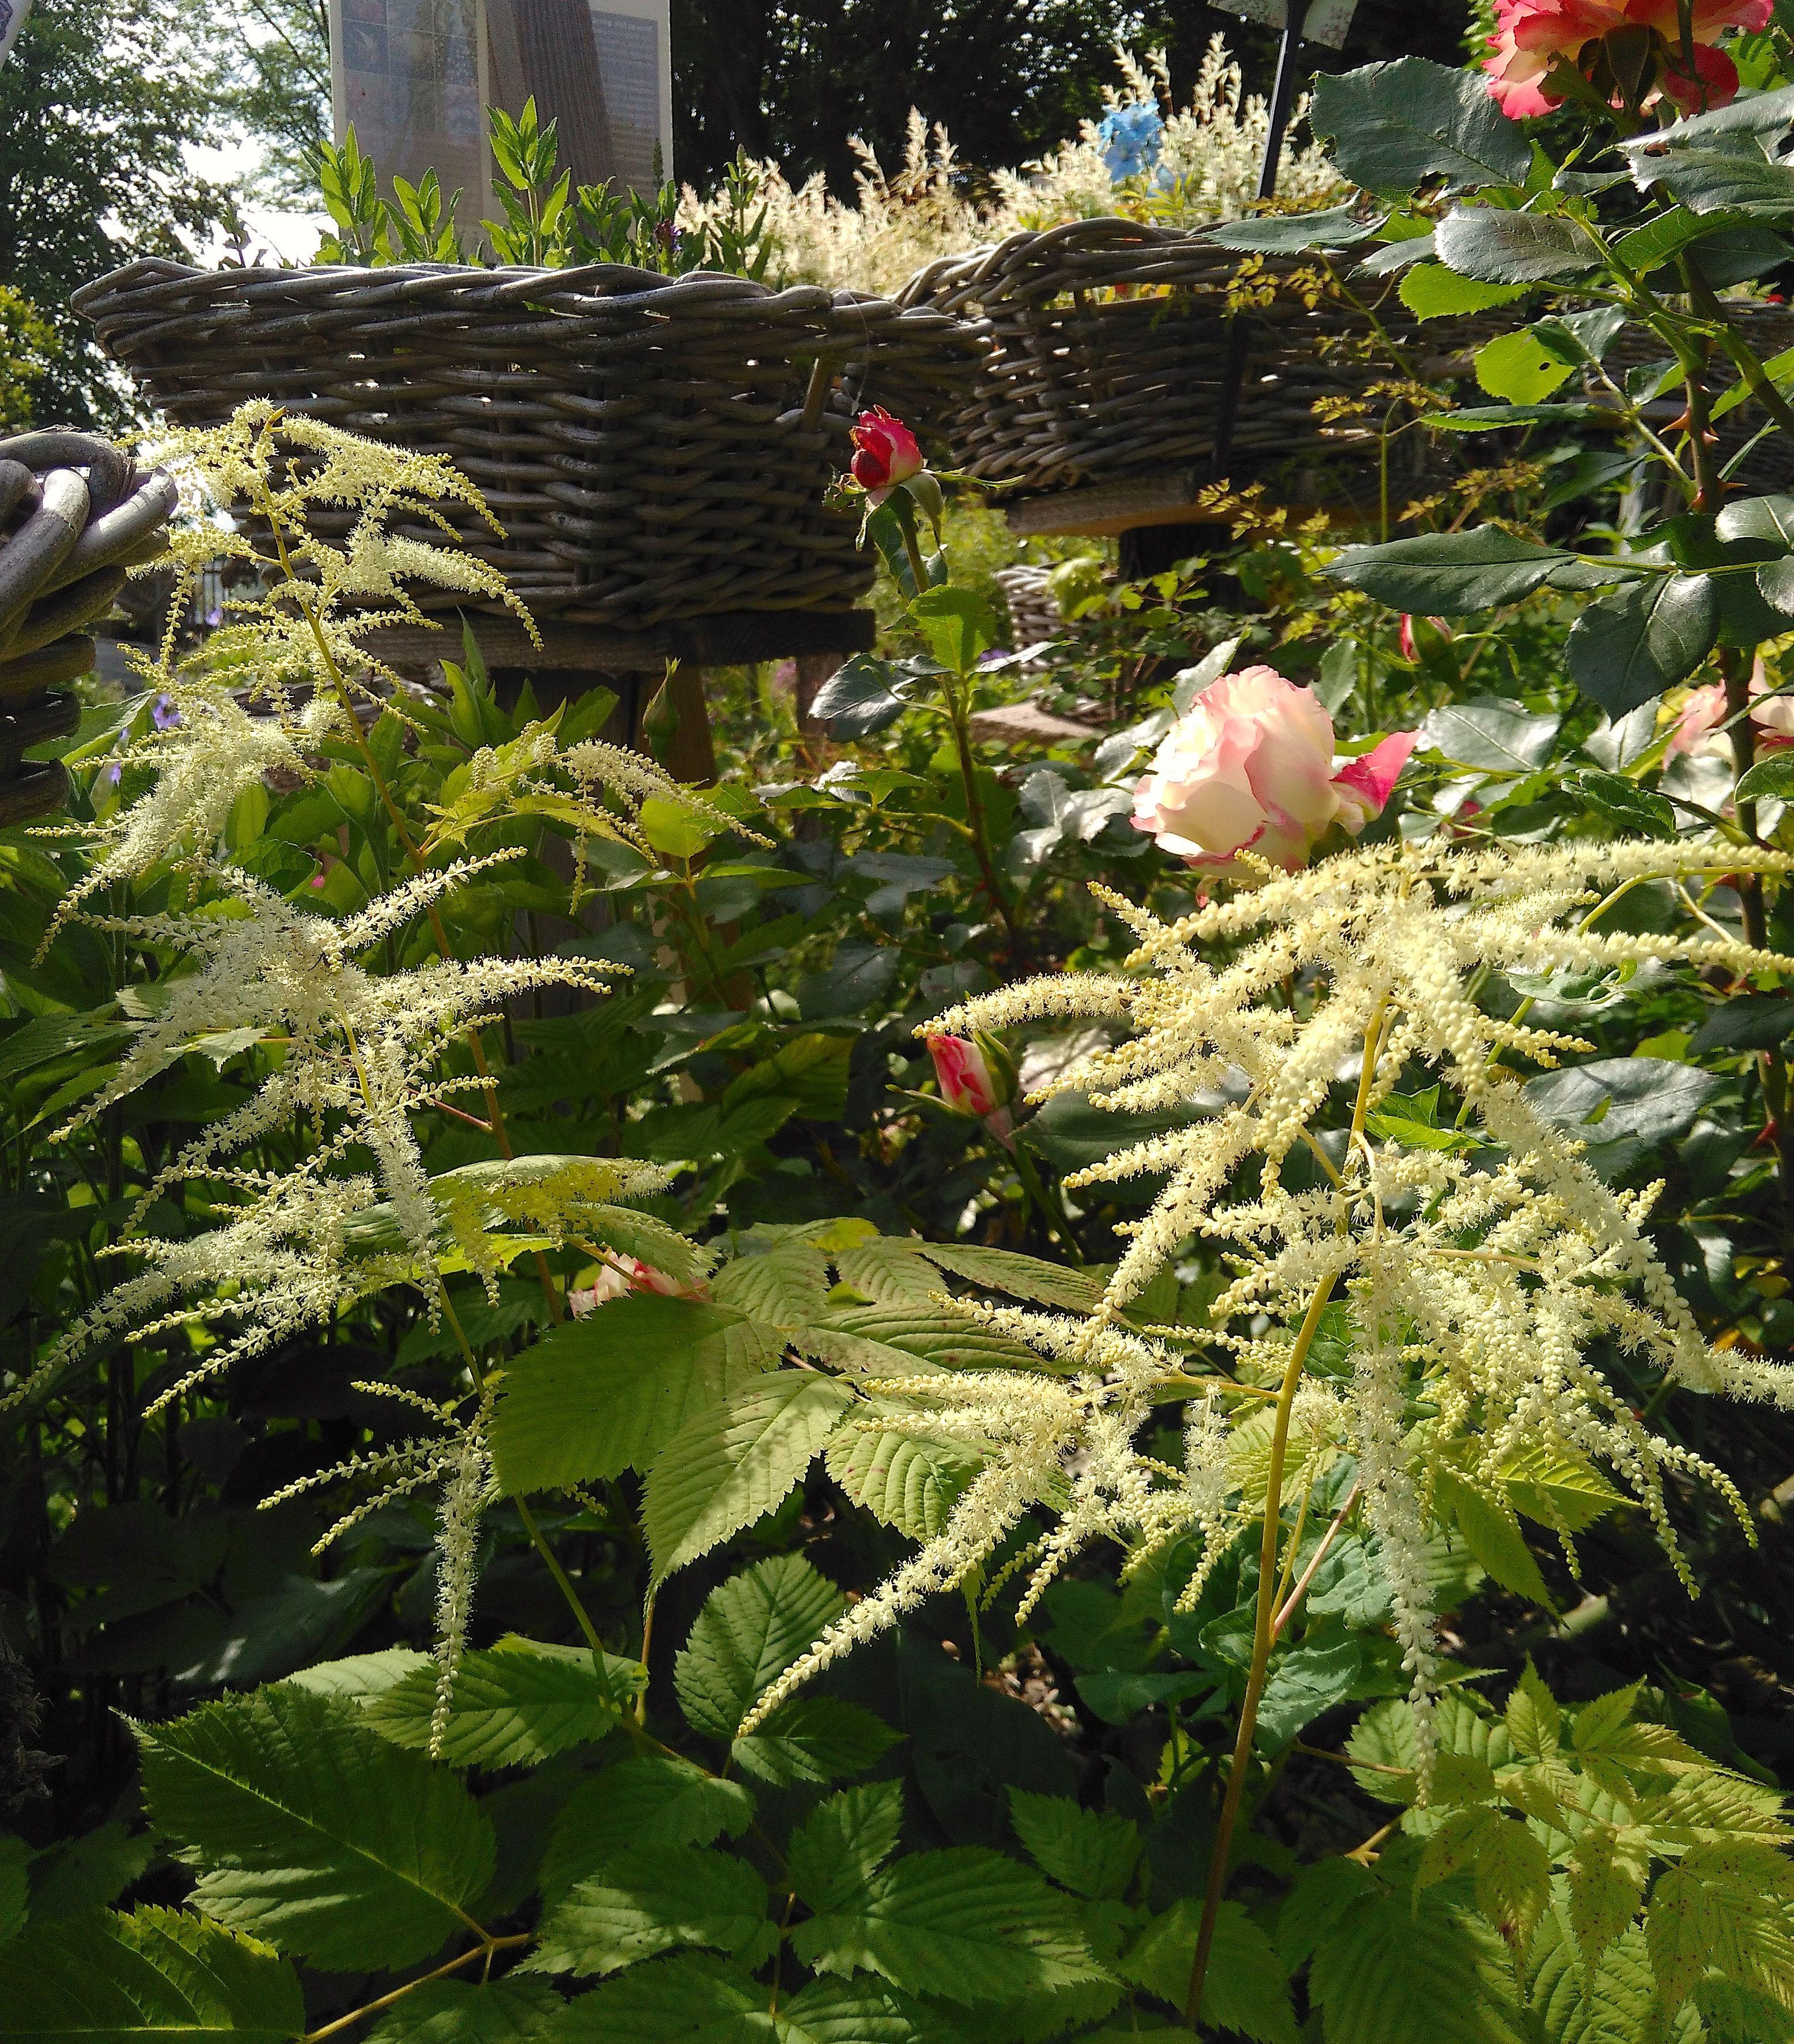 Nouvelle p pini re de plantes vivaces les jardins des for Jardin plantes vivaces